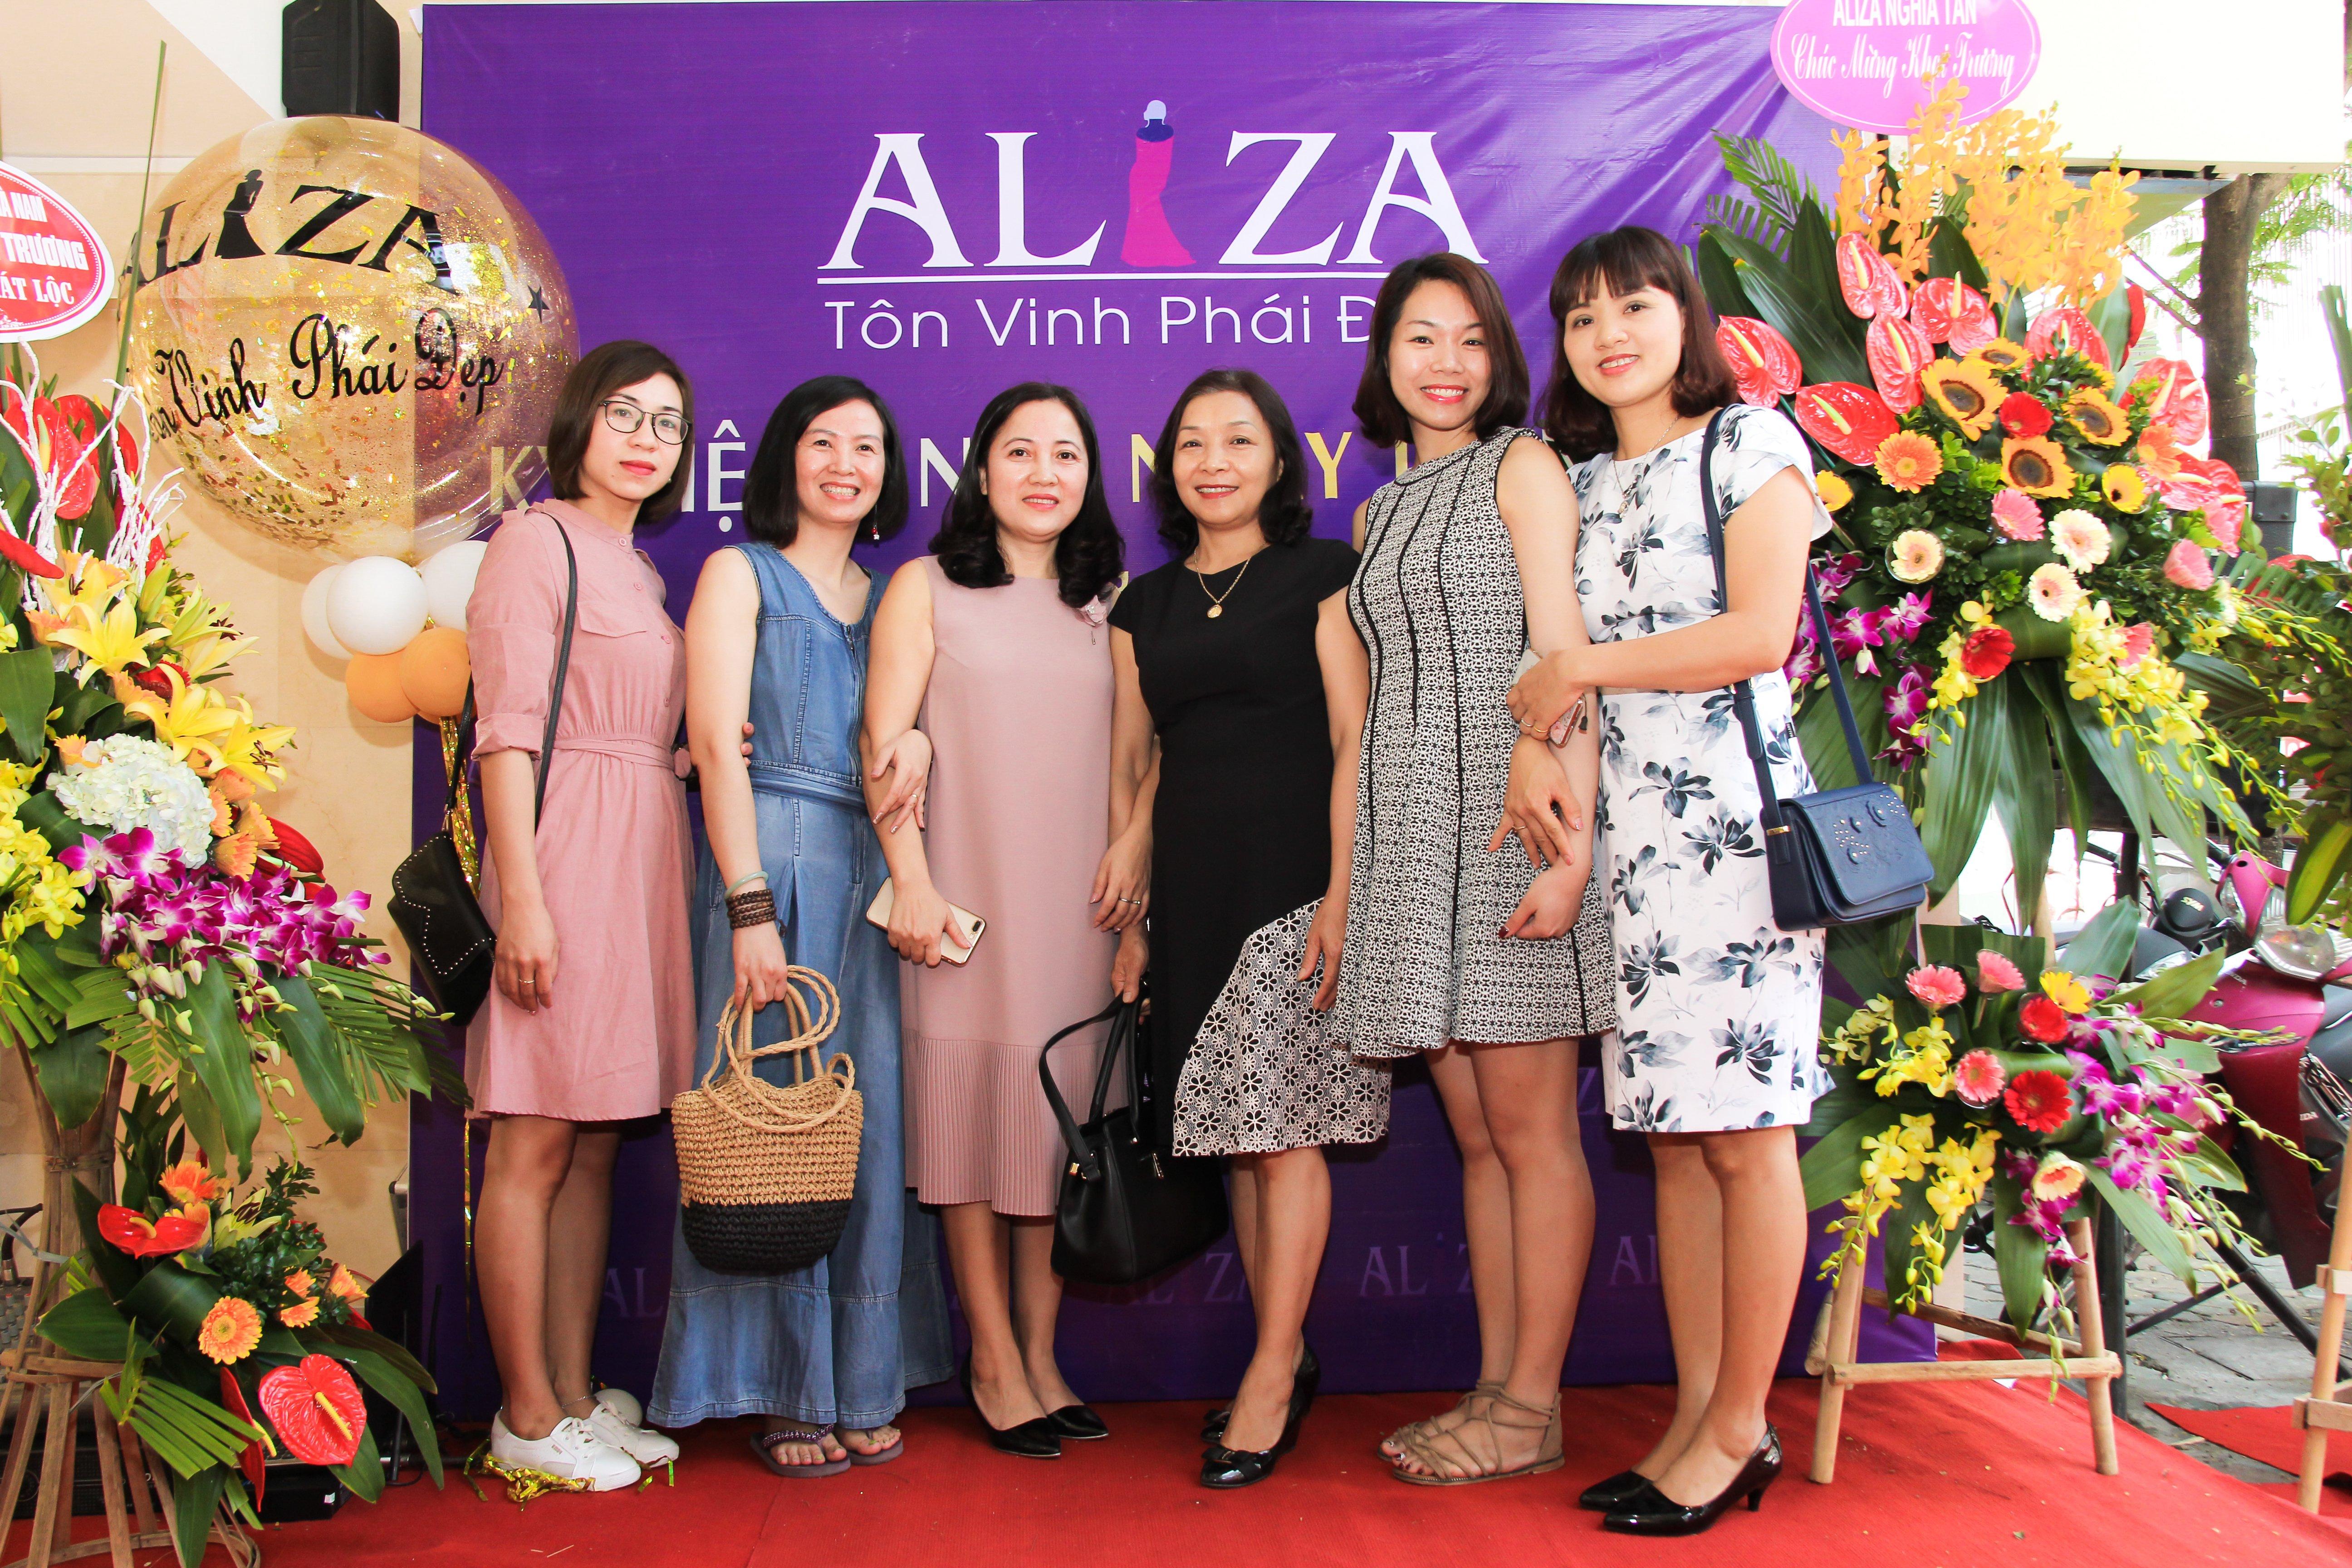 Aliza tưng bừng khai trương SR 75 Khâm Thiên 5